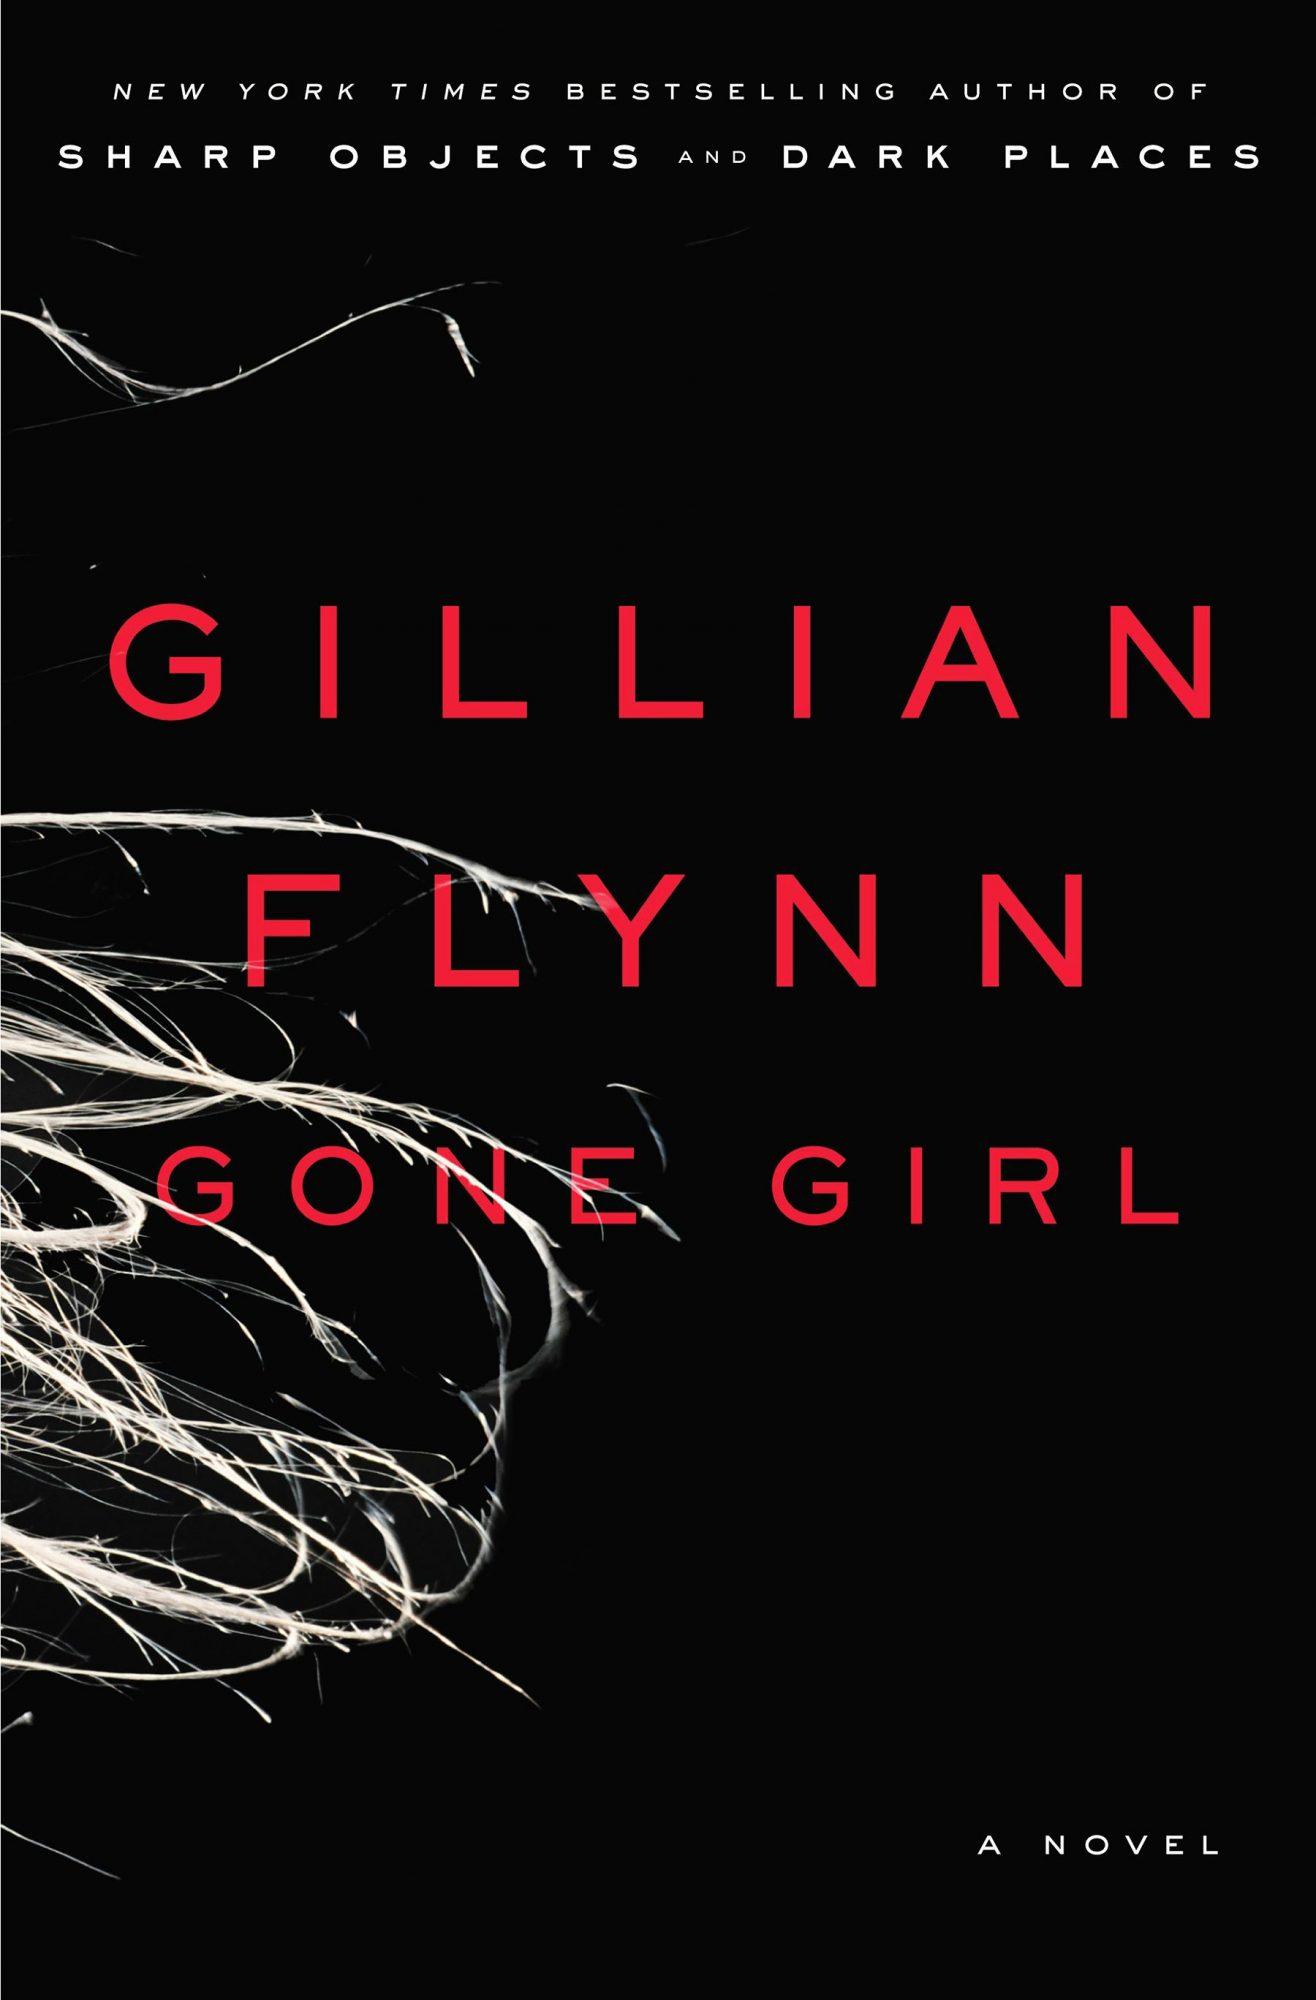 Gone Girl: A Novel (6/5/12)by Gillian Flynn